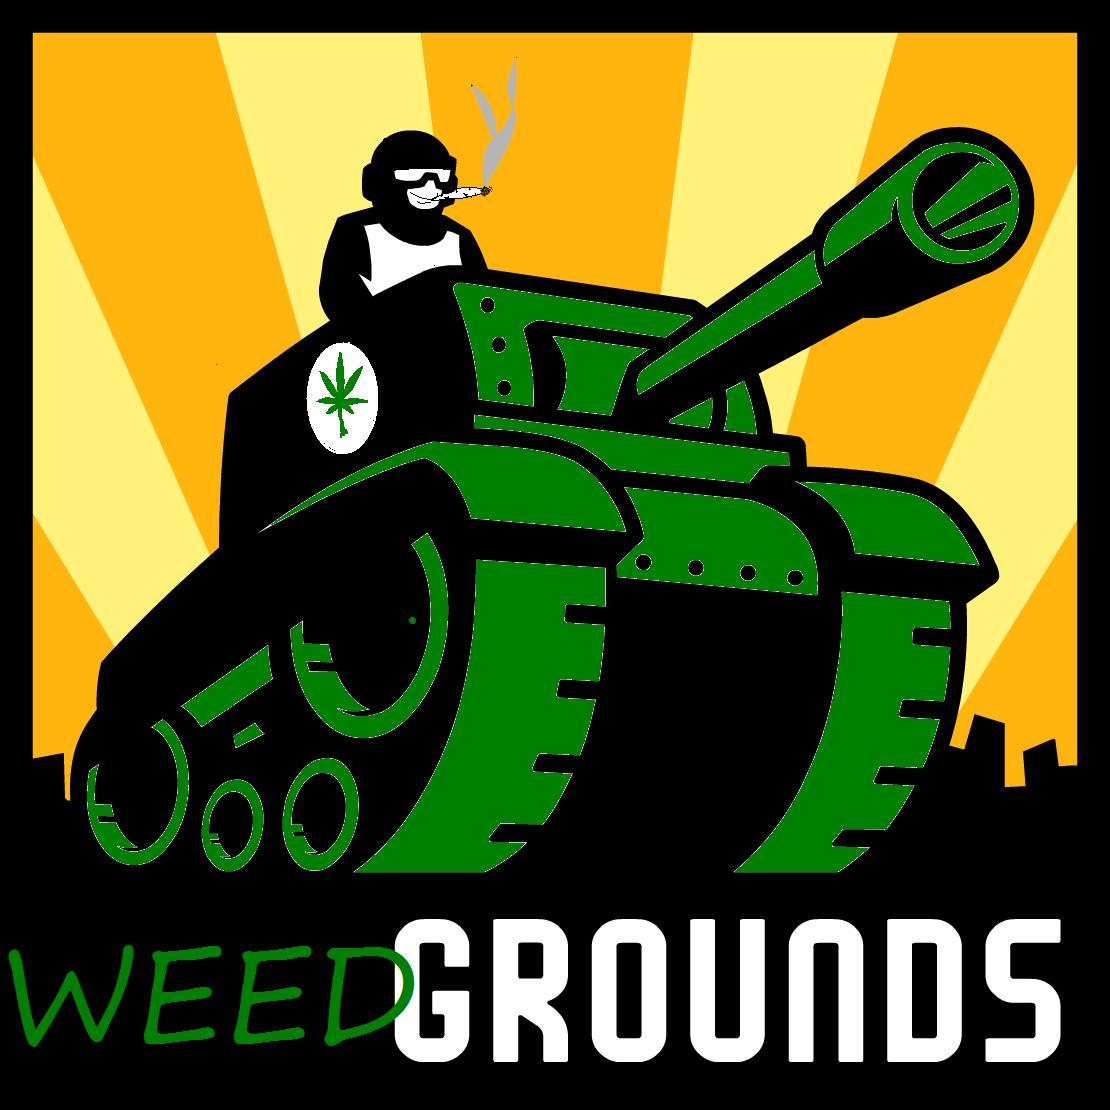 WeedGrounds